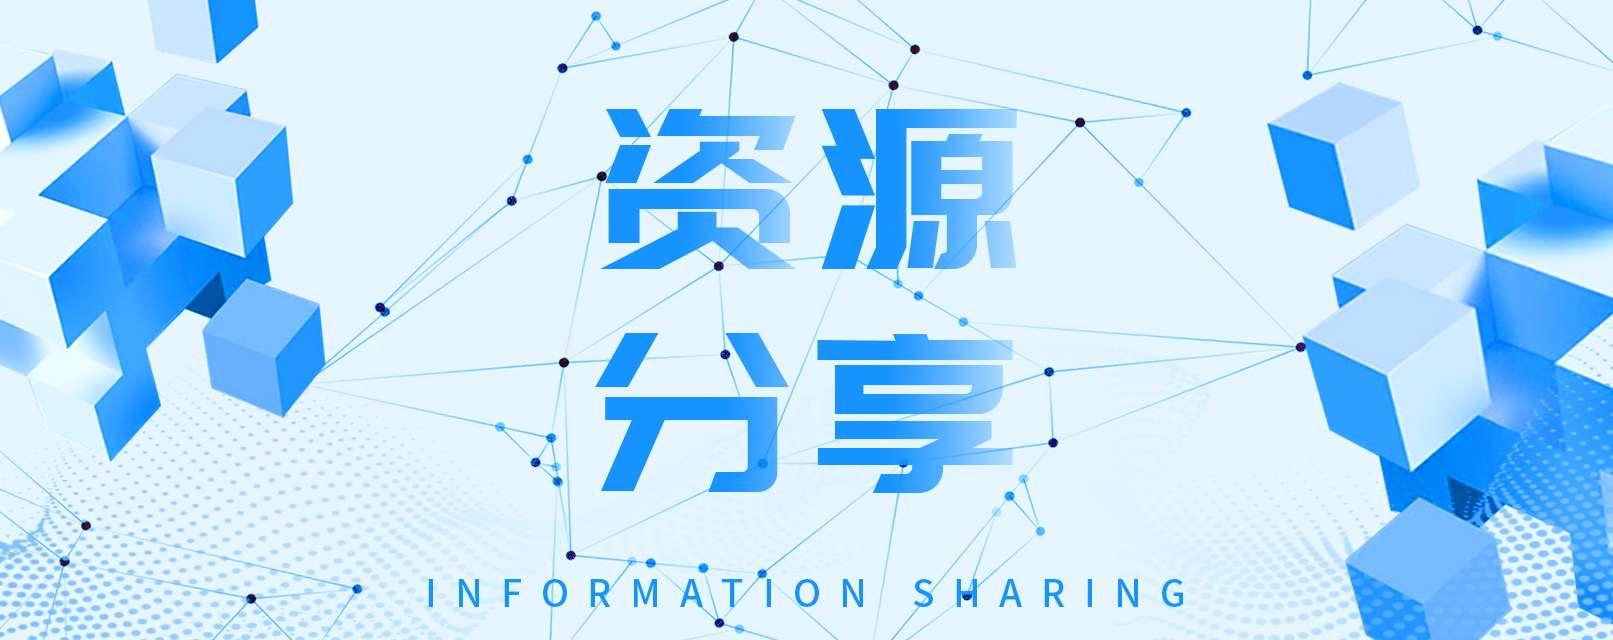 【资源分享】QQ透明头像 2.0版本 可以一键设置QQ透明头像